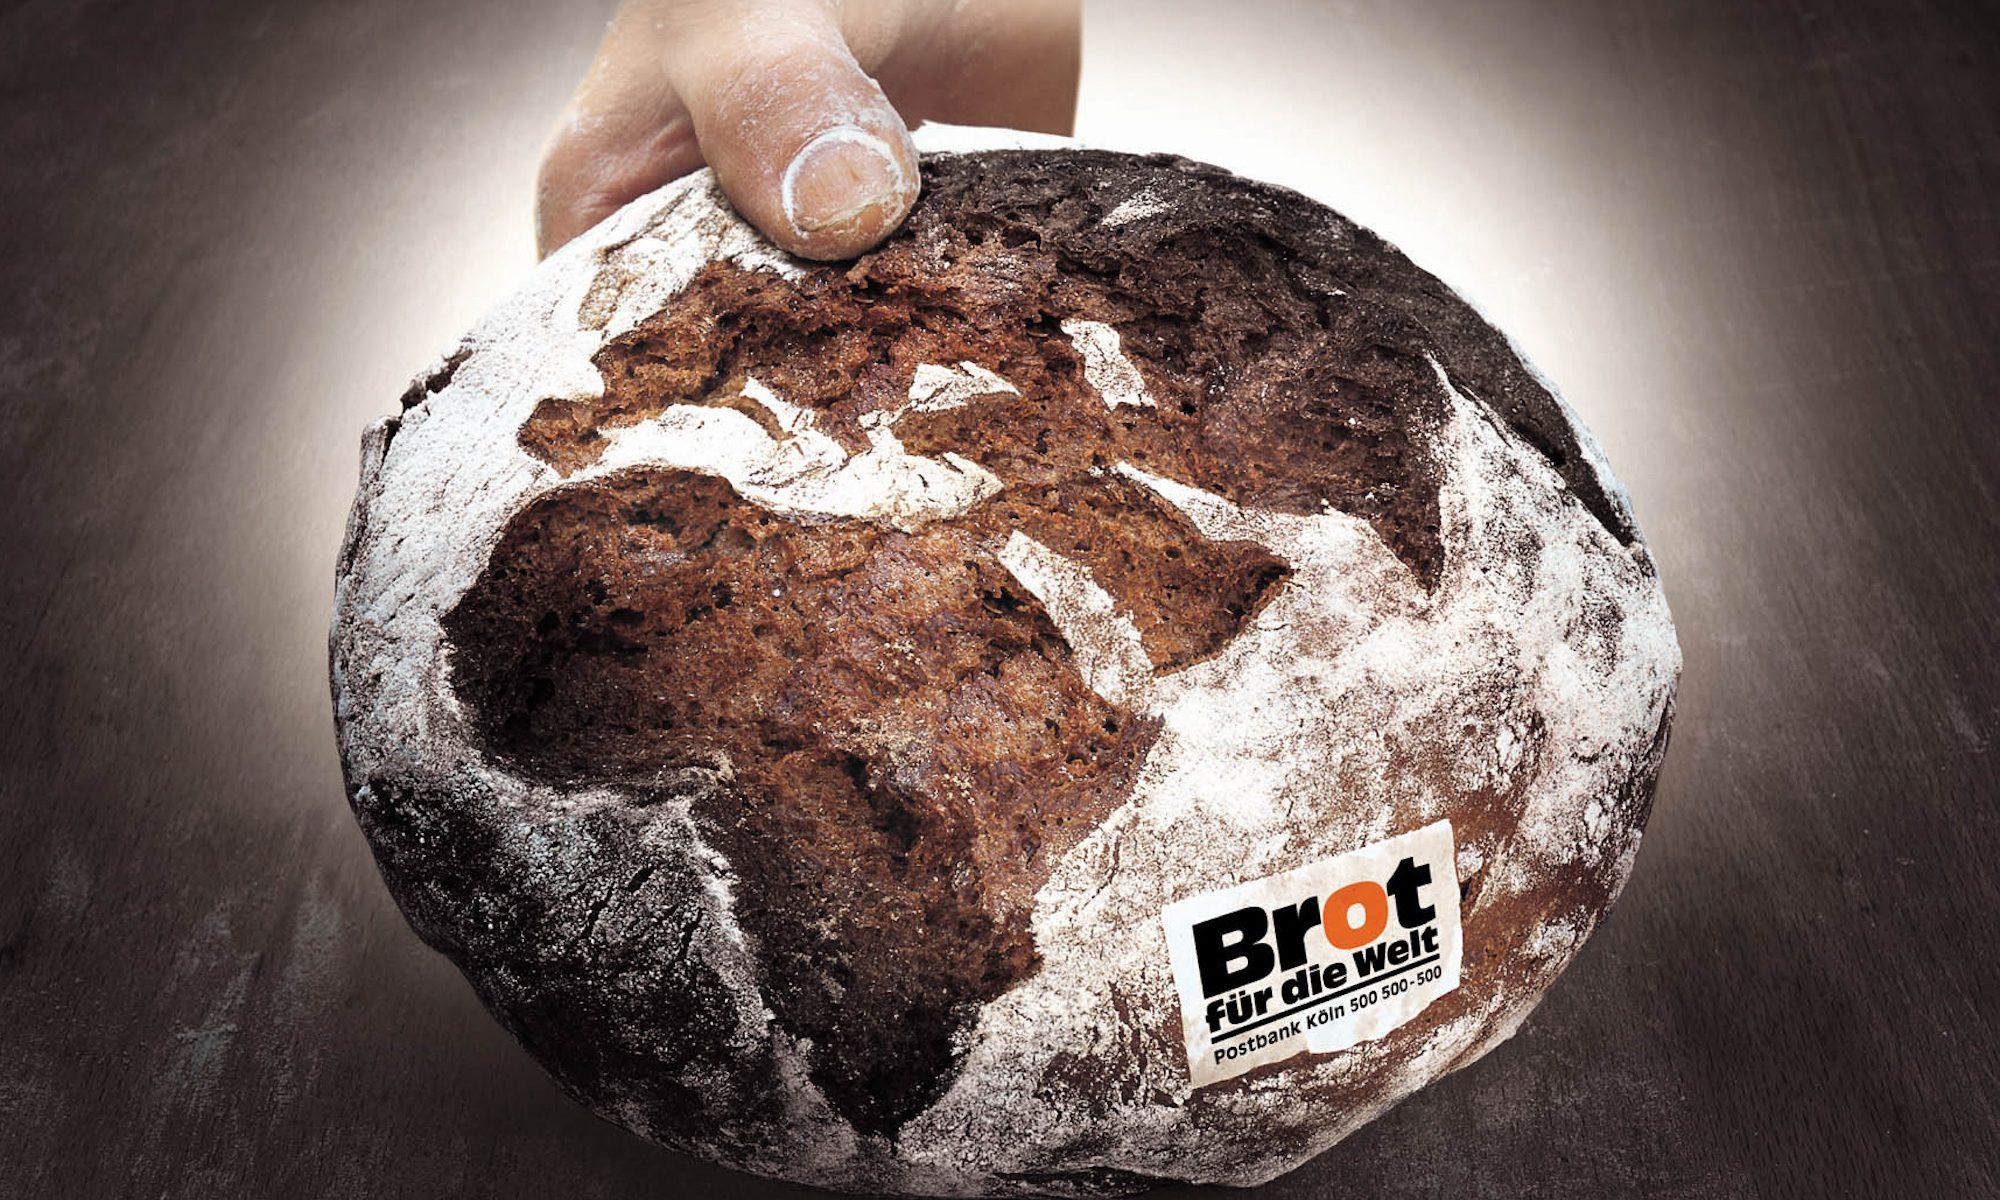 Ein Gutsherrenbrot, dessen Kruste in Form eines Globus aufgerissen ist.